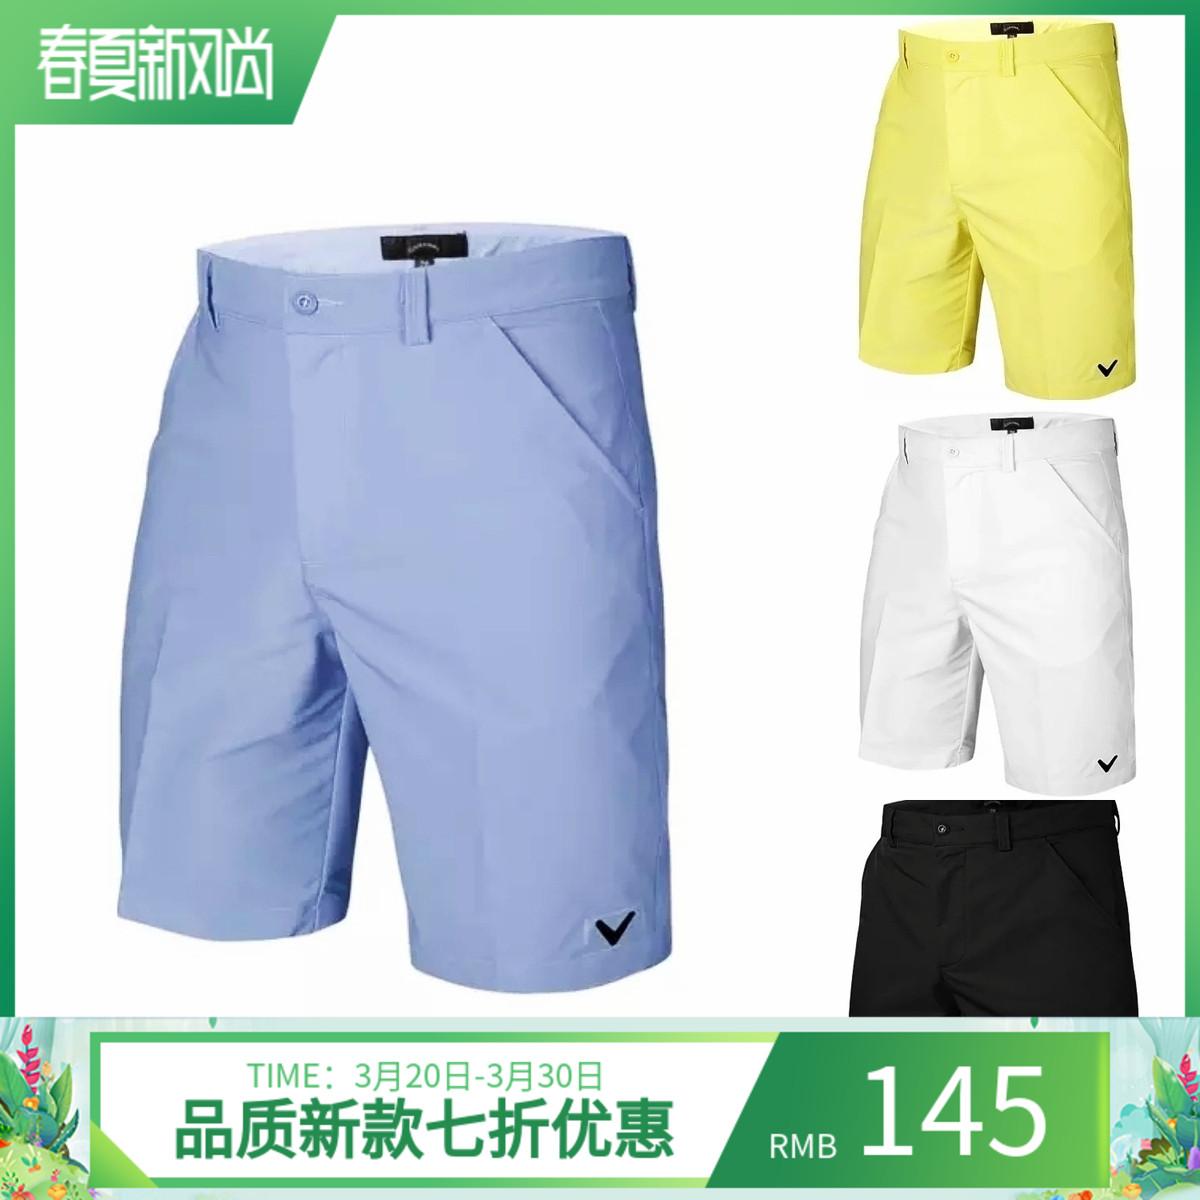 。高尔夫短裤 男士球裤 修身男款短裤 速干运动裤子 免烫 golf服